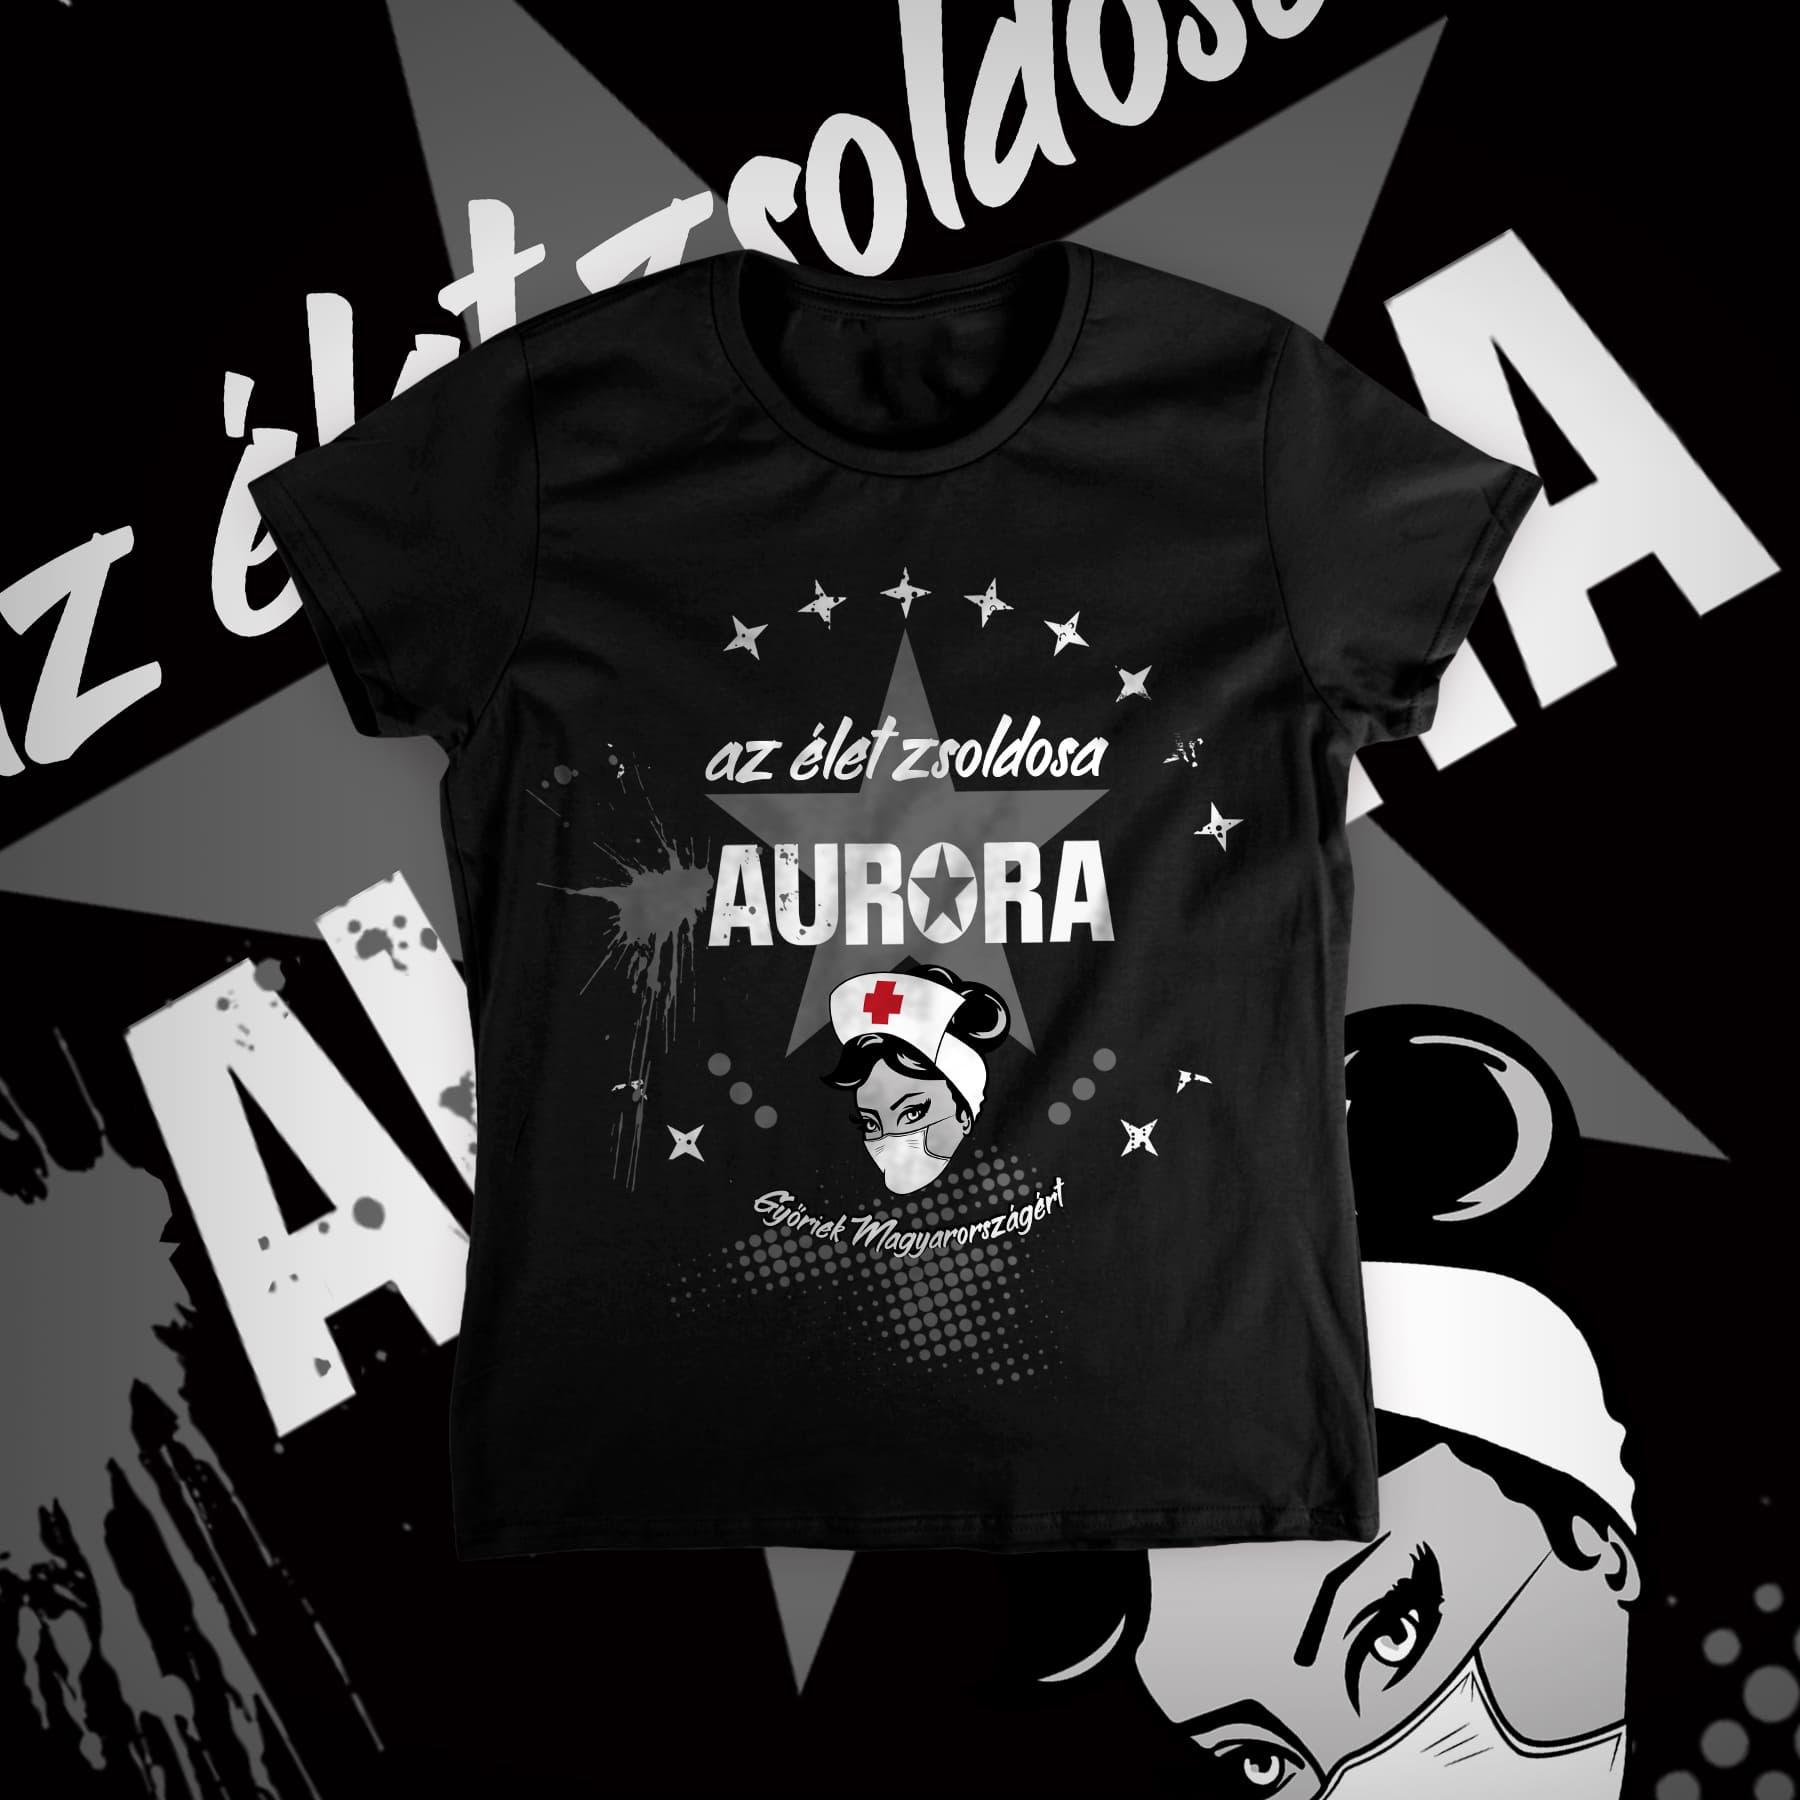 aurora_azelet_v2.jpg